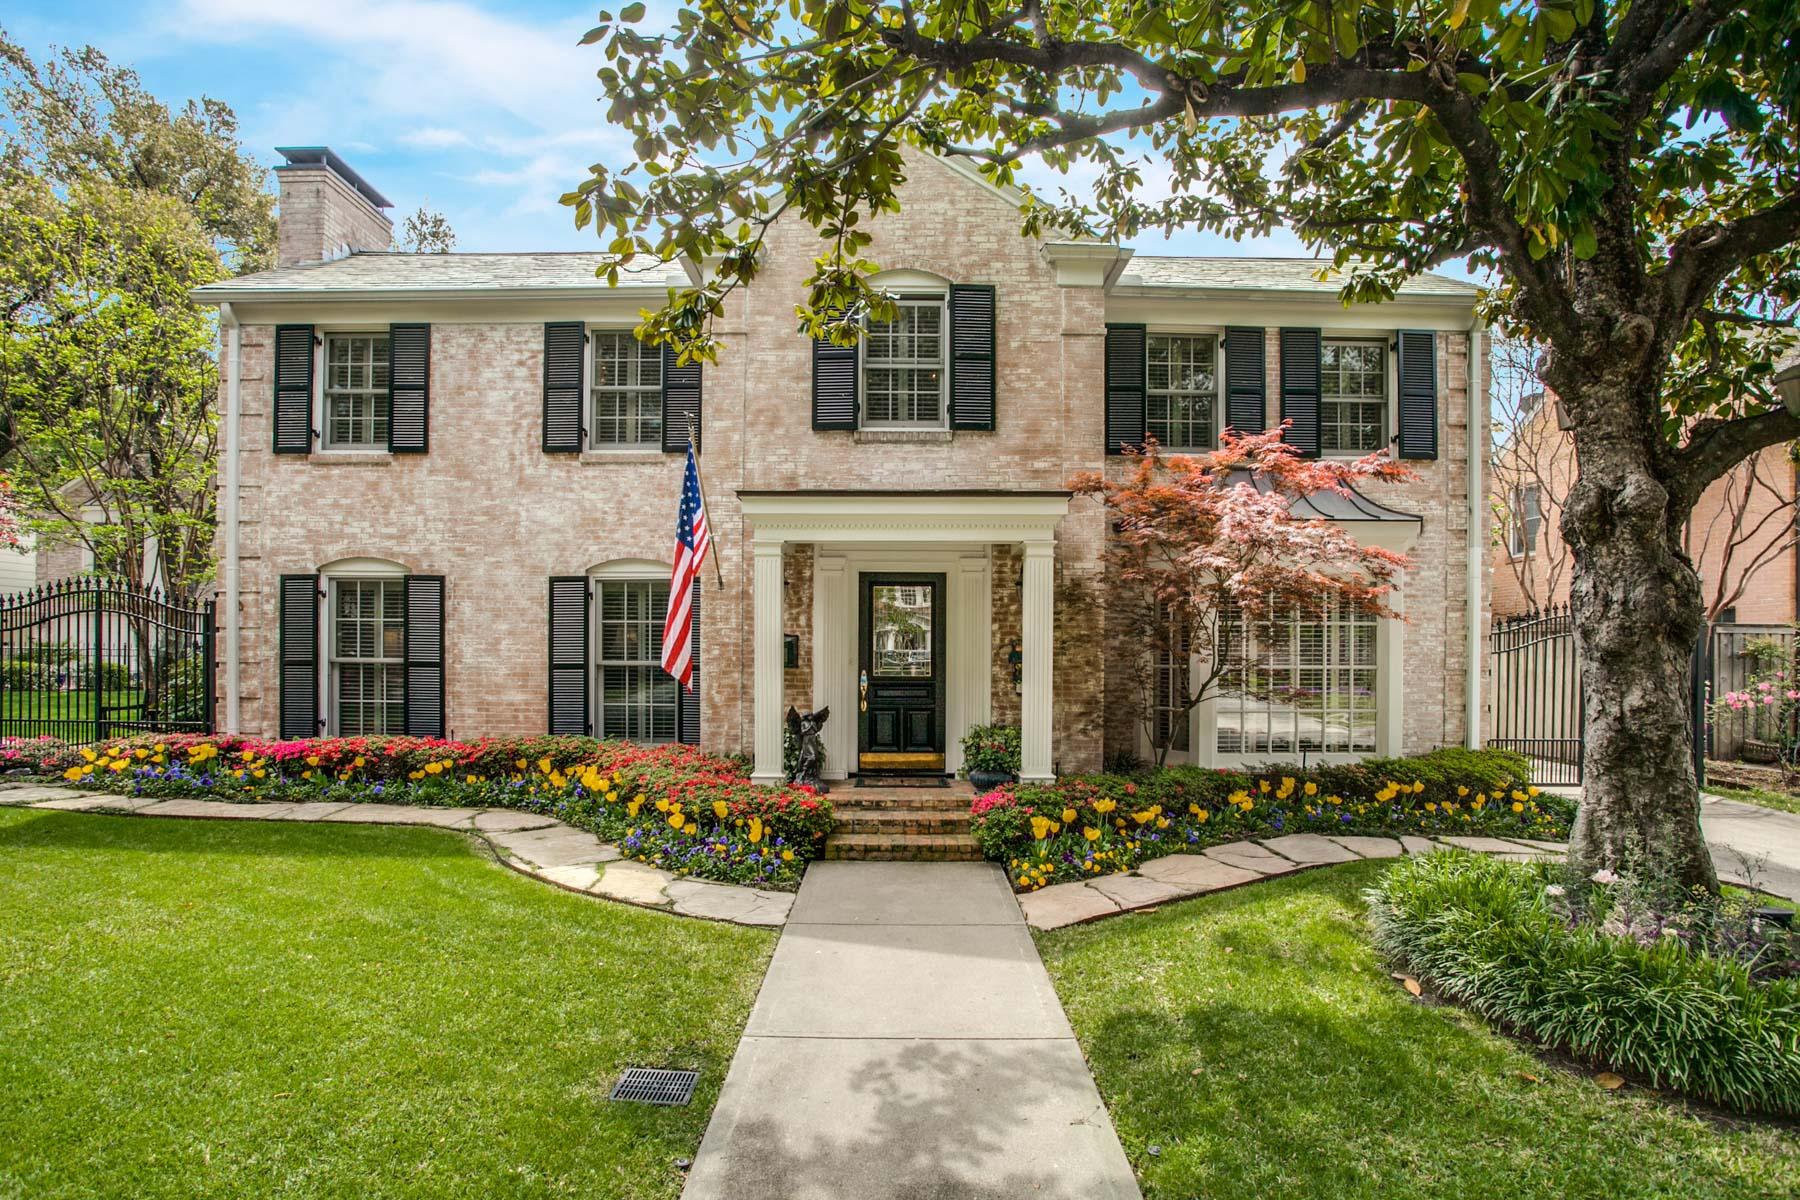 Maison unifamiliale pour l Vente à 4417 Belclaire Avenue, Highland Park Highland Park, Texas, 75205 États-Unis